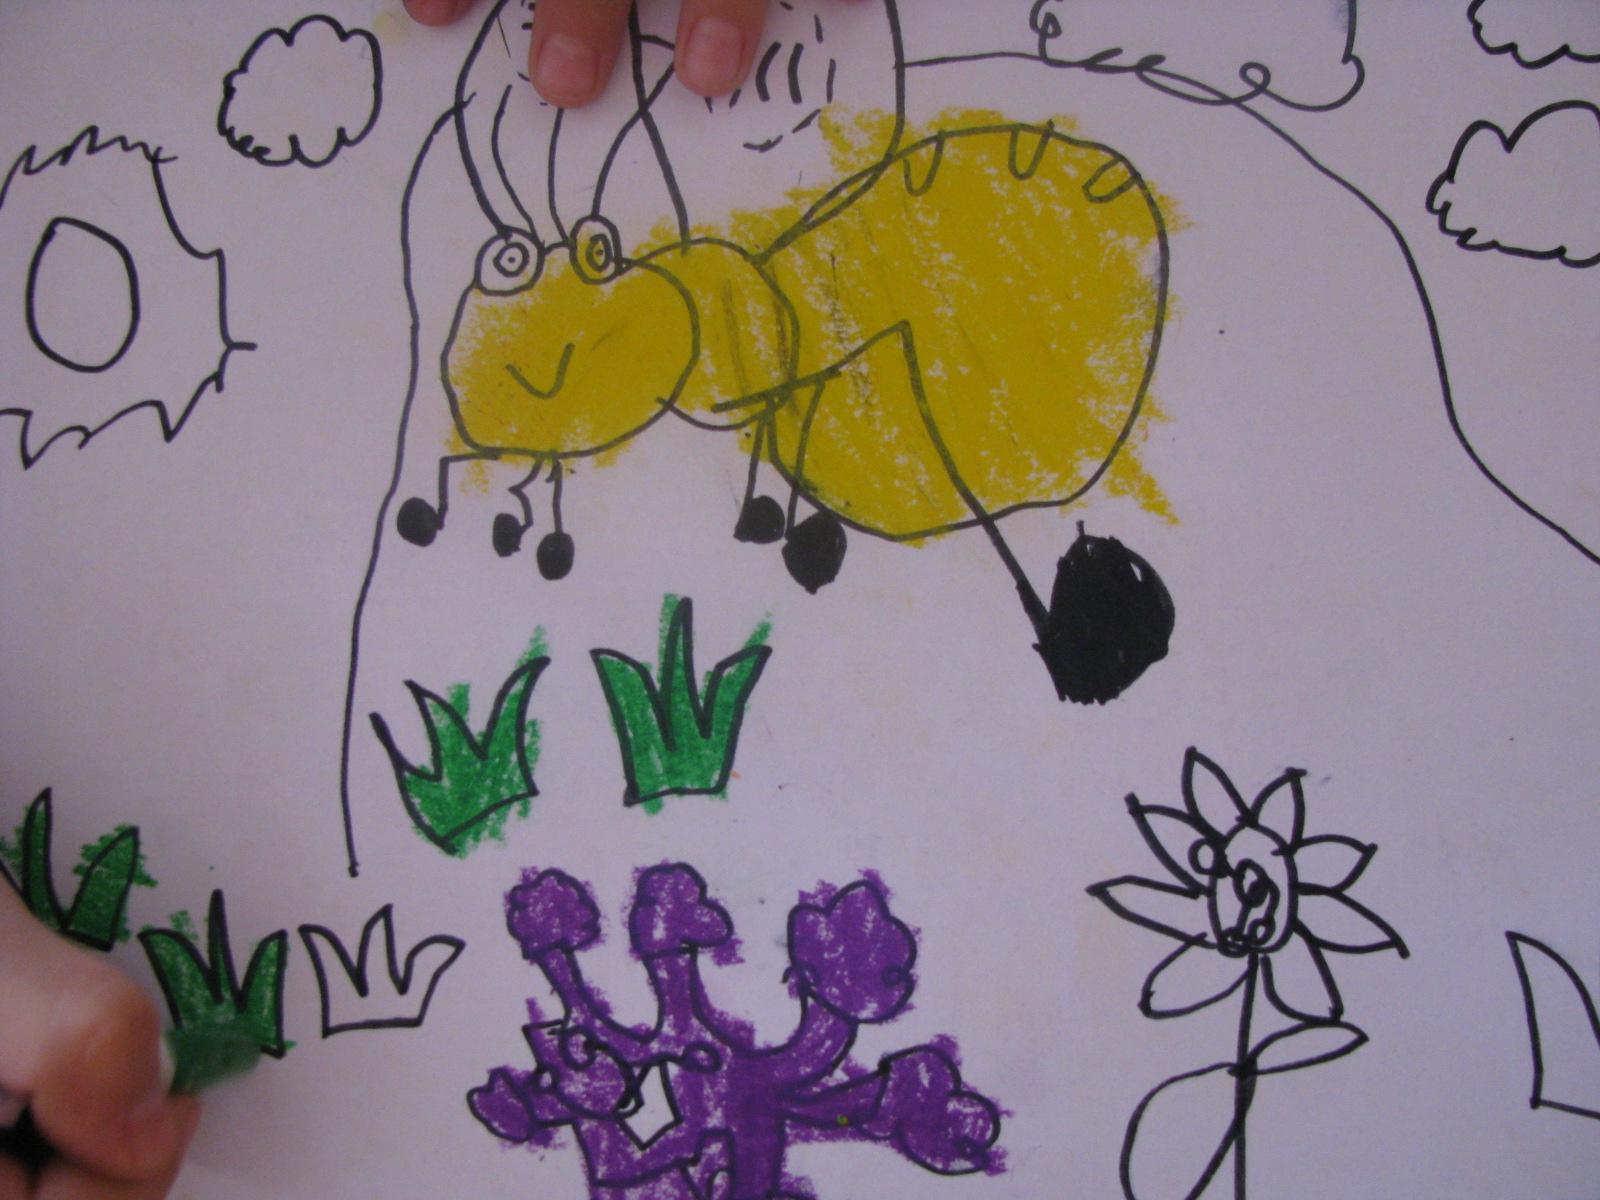 我要找到花儿去采蜜 简笔画 可爱的蜜蜂